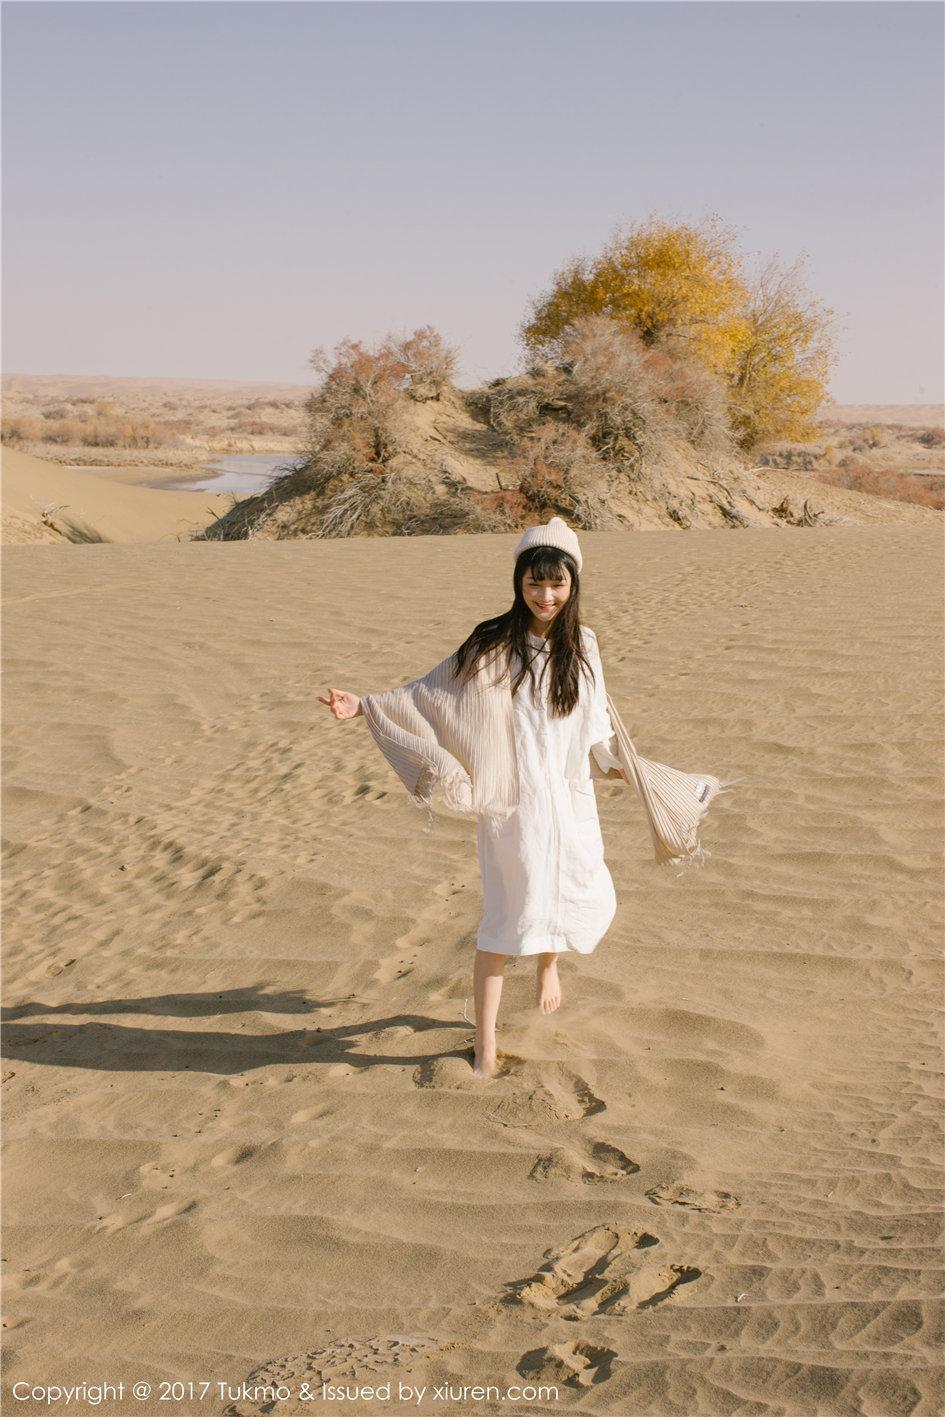 【兔几盟】【之应】 90后可爱清新女生之应农村户外写真照片 第007期【40P】 写真集